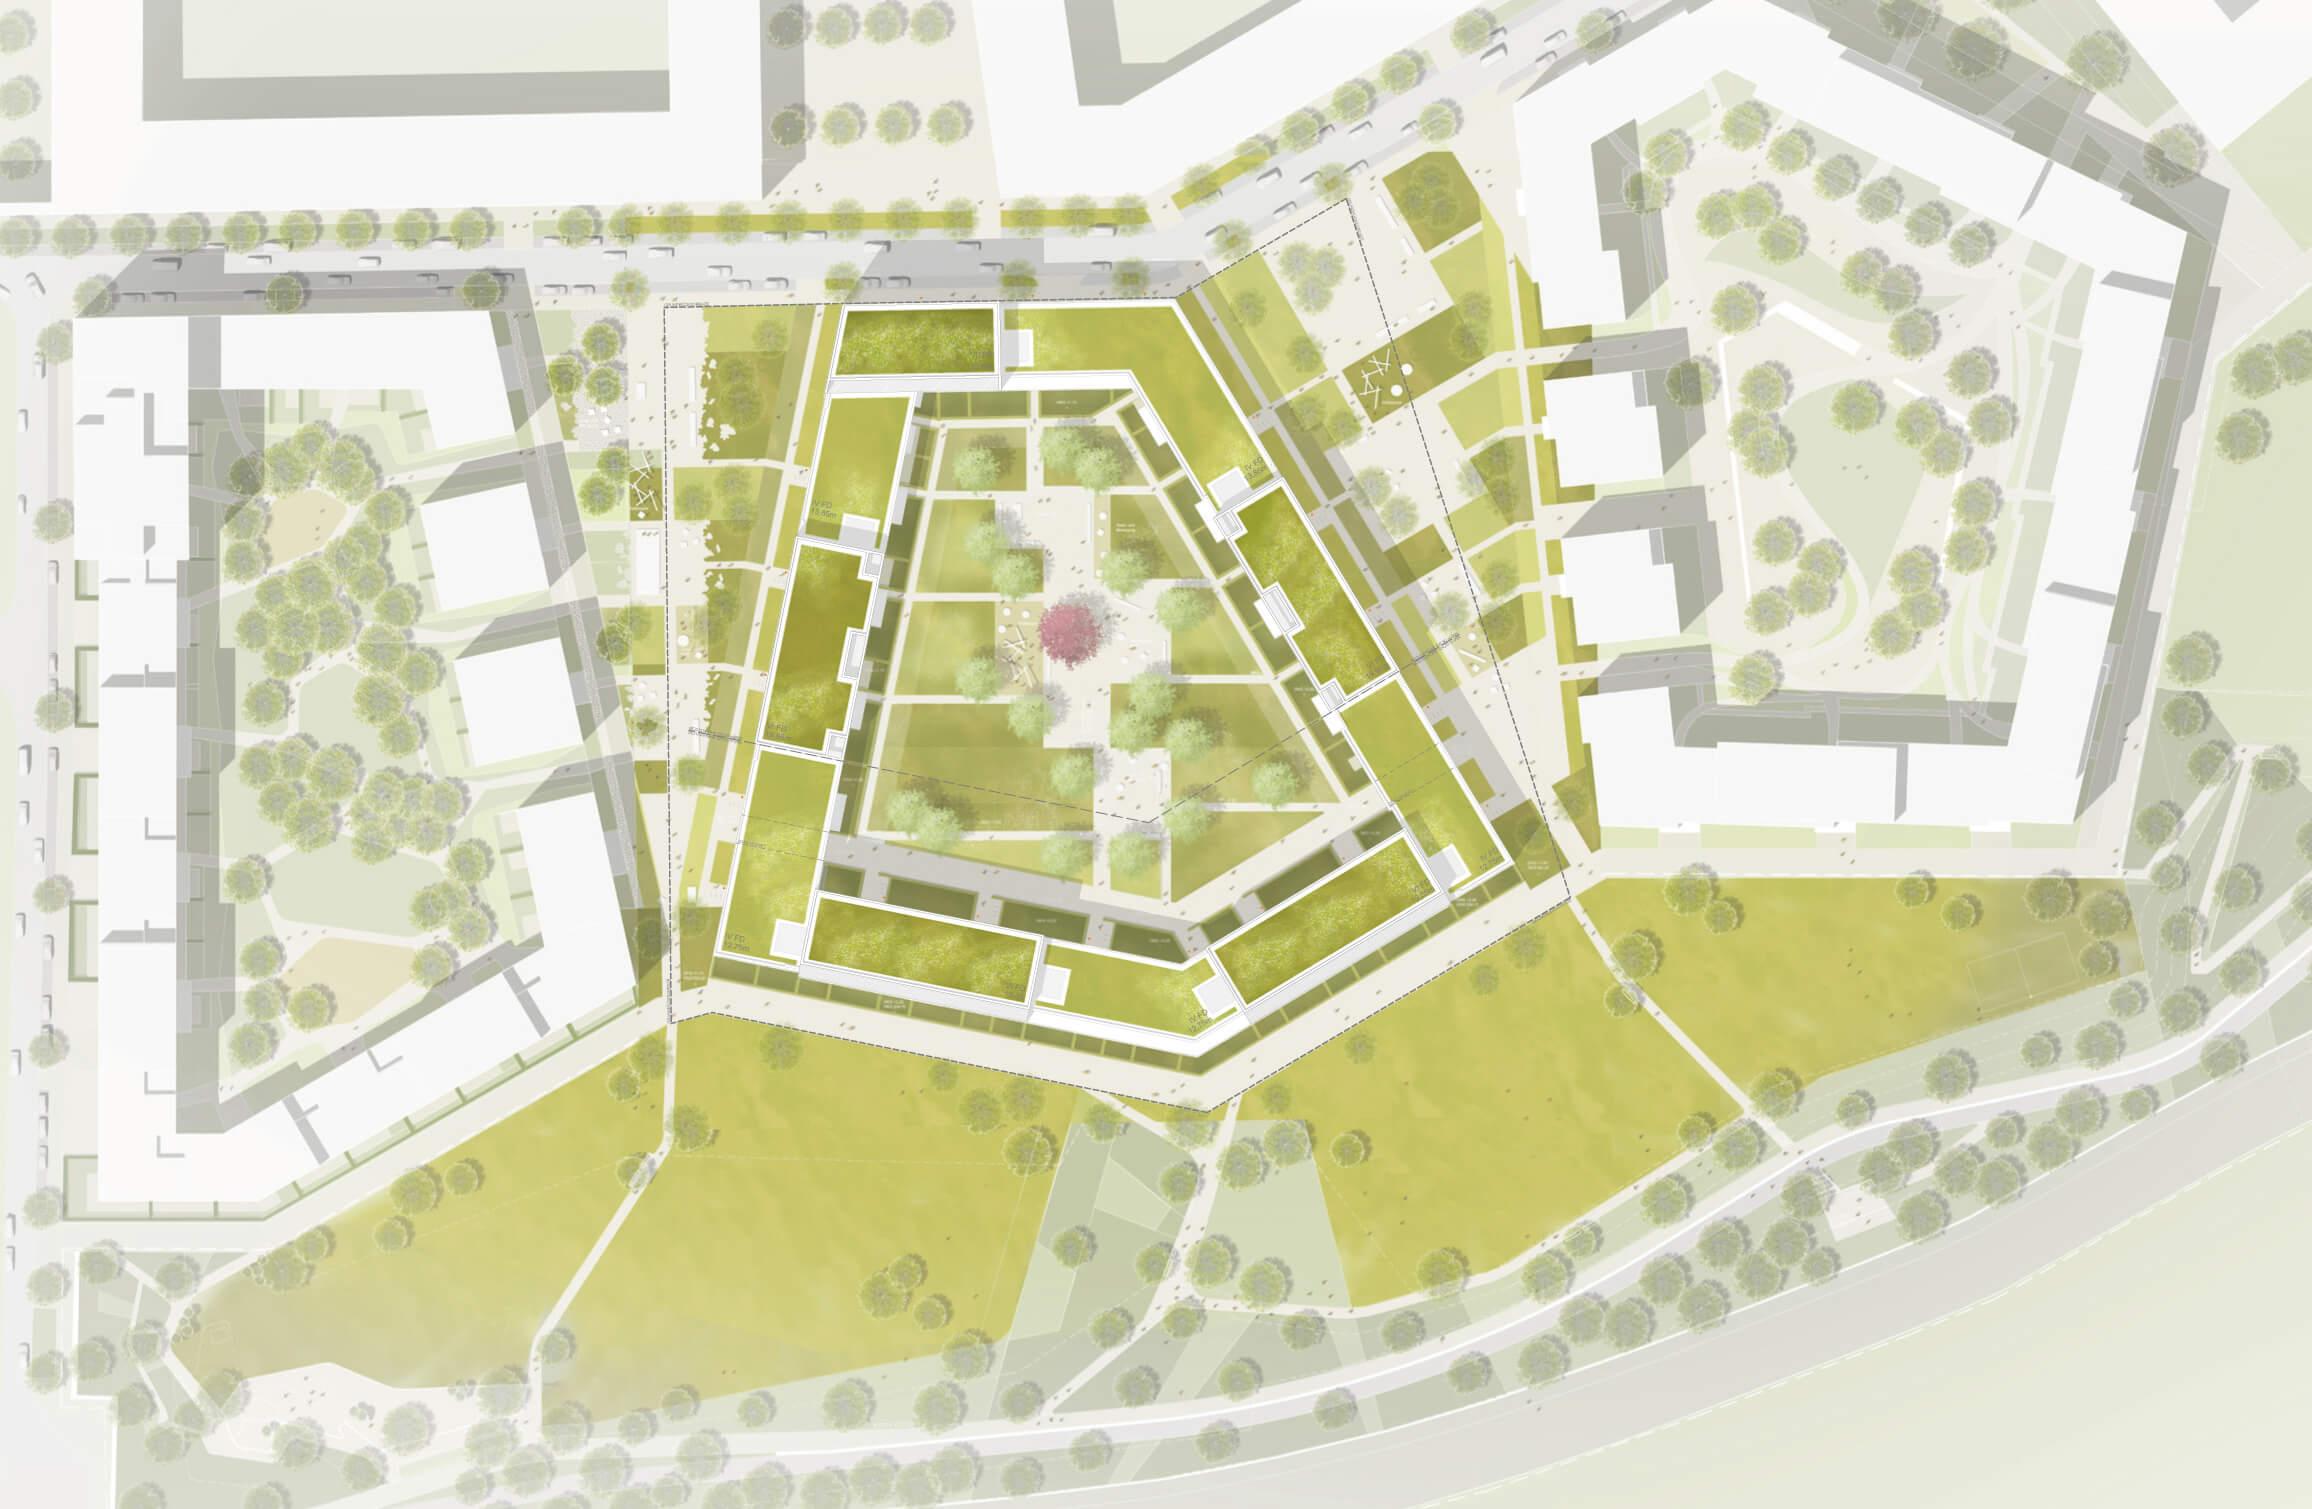 Landschaftsarchitektur München aktuelles grün landschaftsarchitektur düsseldorf